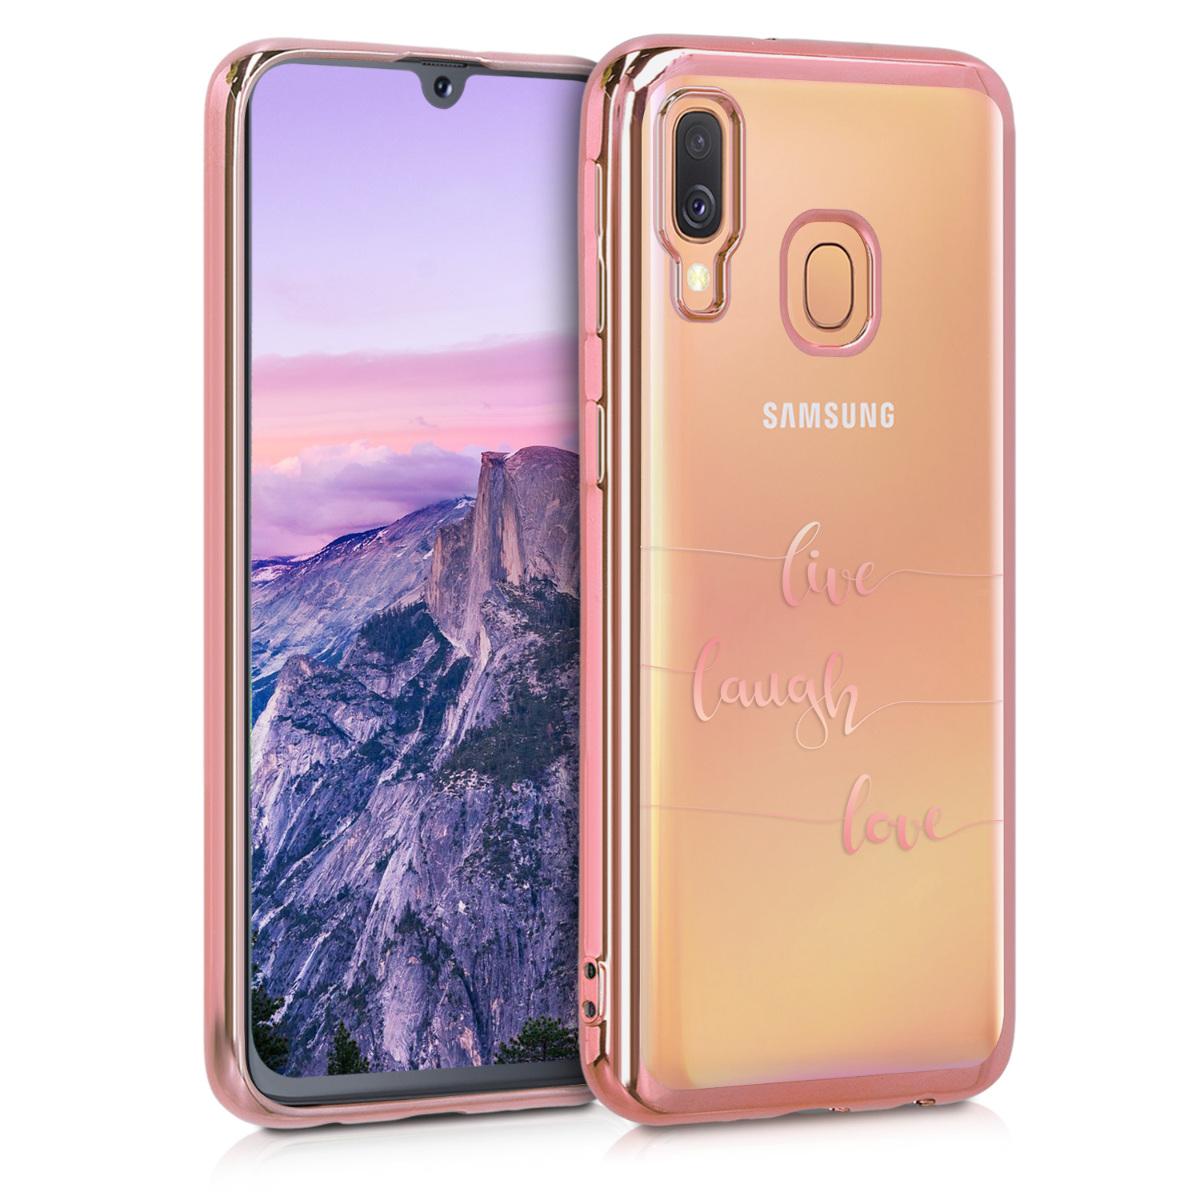 Kvalitní silikonové TPU pouzdro pro Samsung A40 - Žít, smích, láska starorůžové rosegold / starorůžové rosegold / transparentní